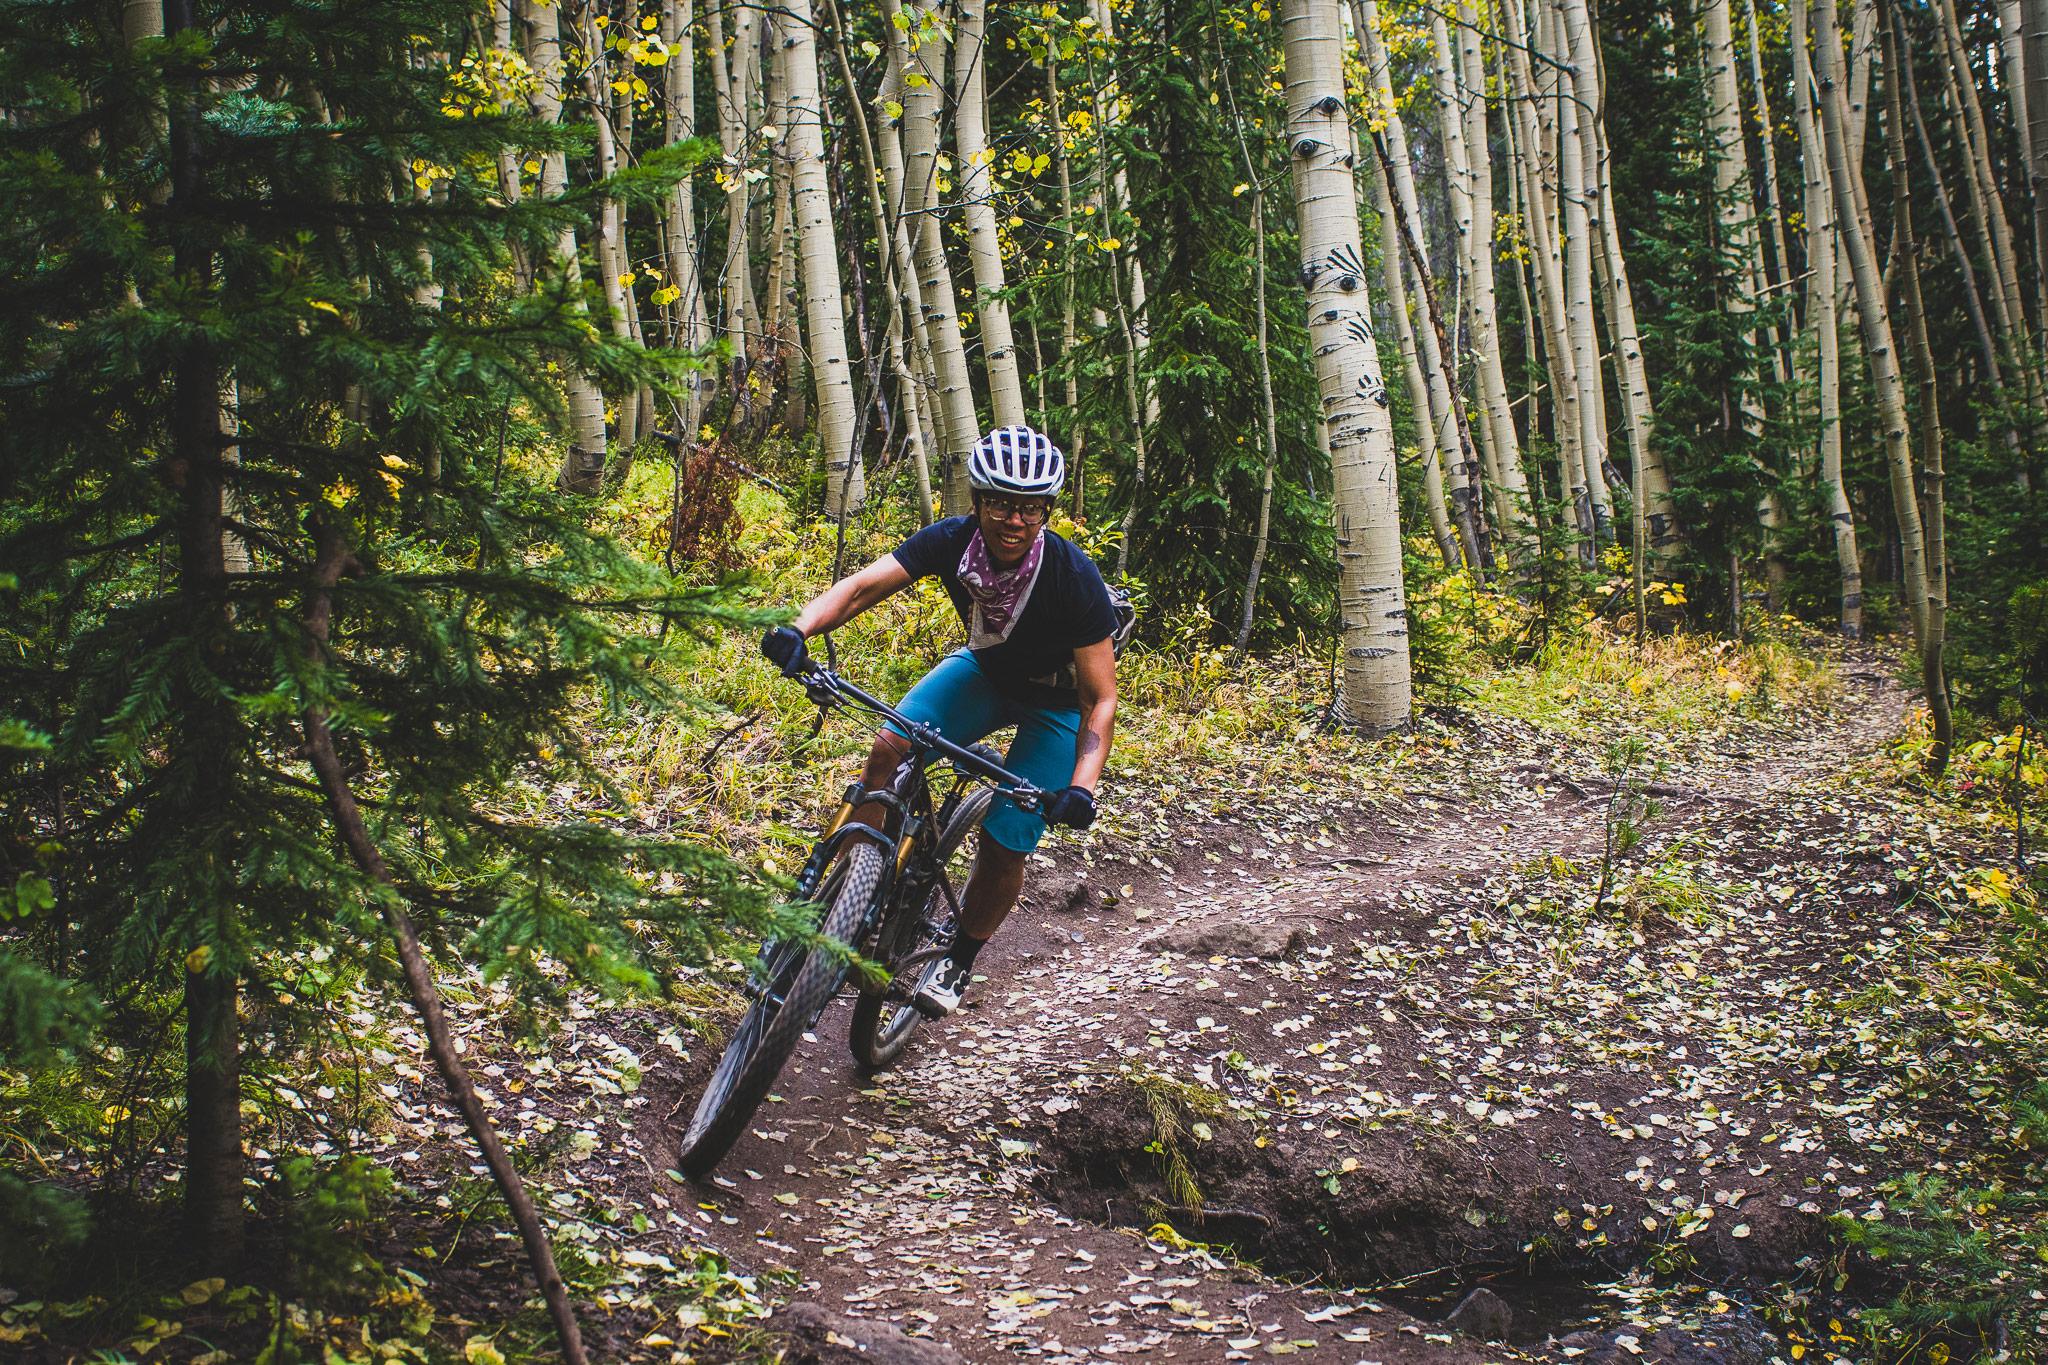 Rachel Olzer - @PedalToThePeople - Mountain Biker BIPOC